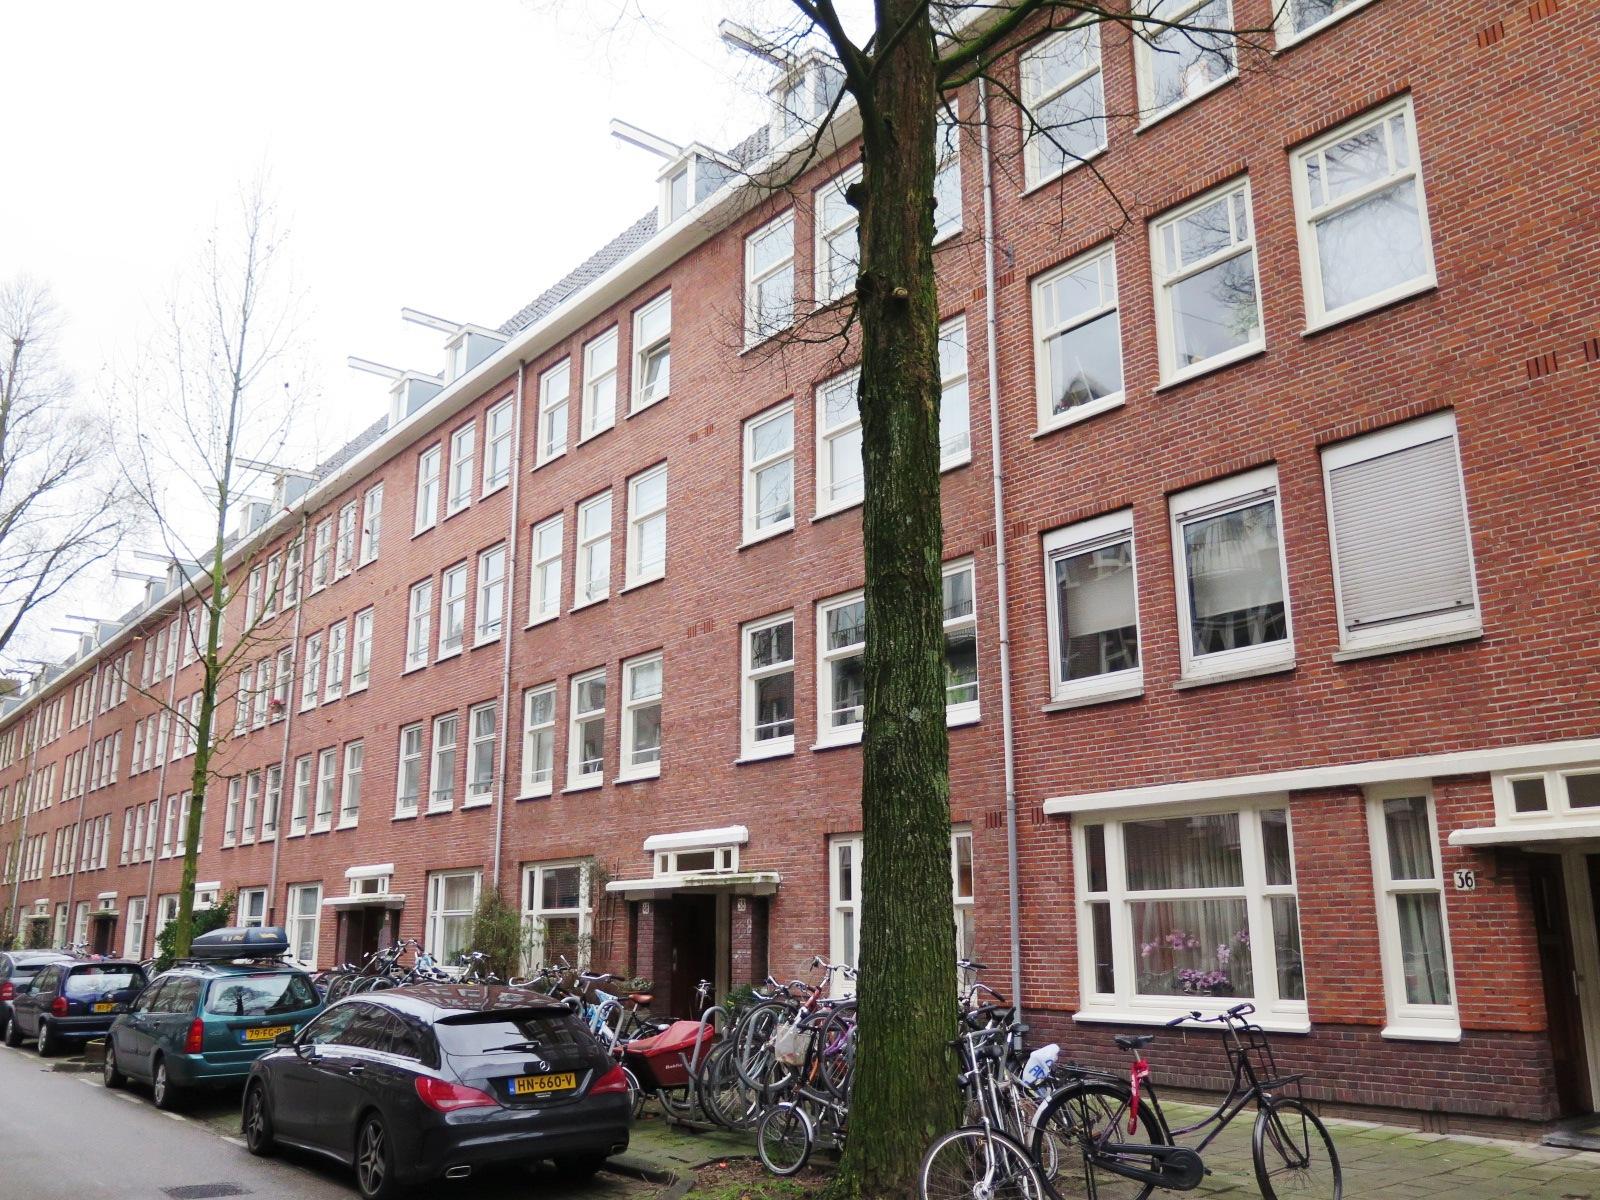 Rombout Hogerbeetsstraat, Amsterdam